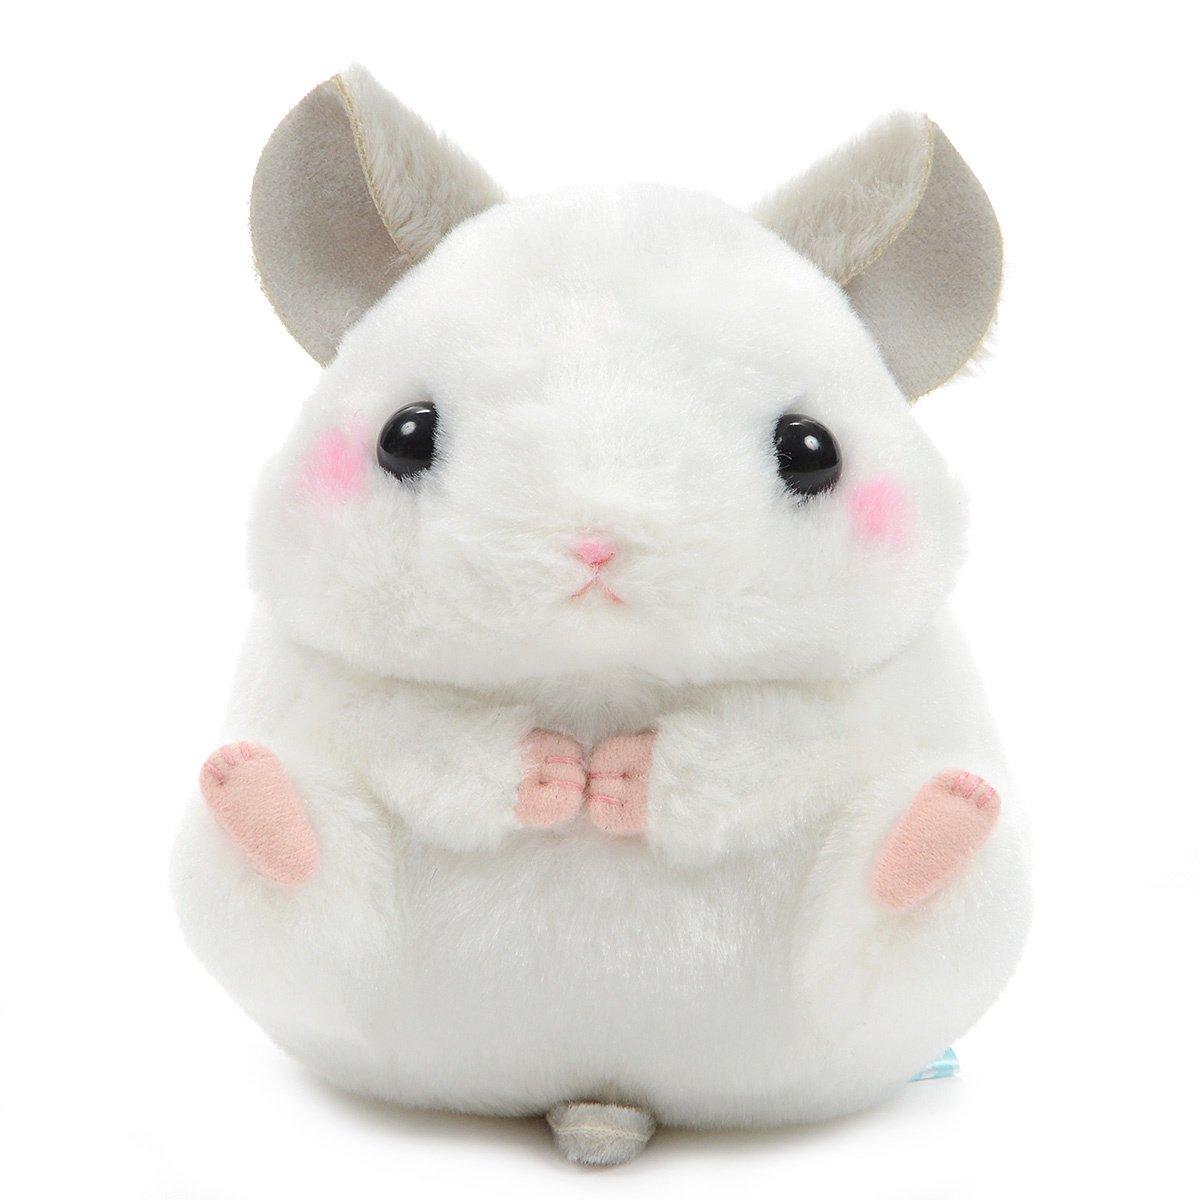 Plush Hamster, Amuse, Coroham Coron, Chira-kun, White, 5 Inches